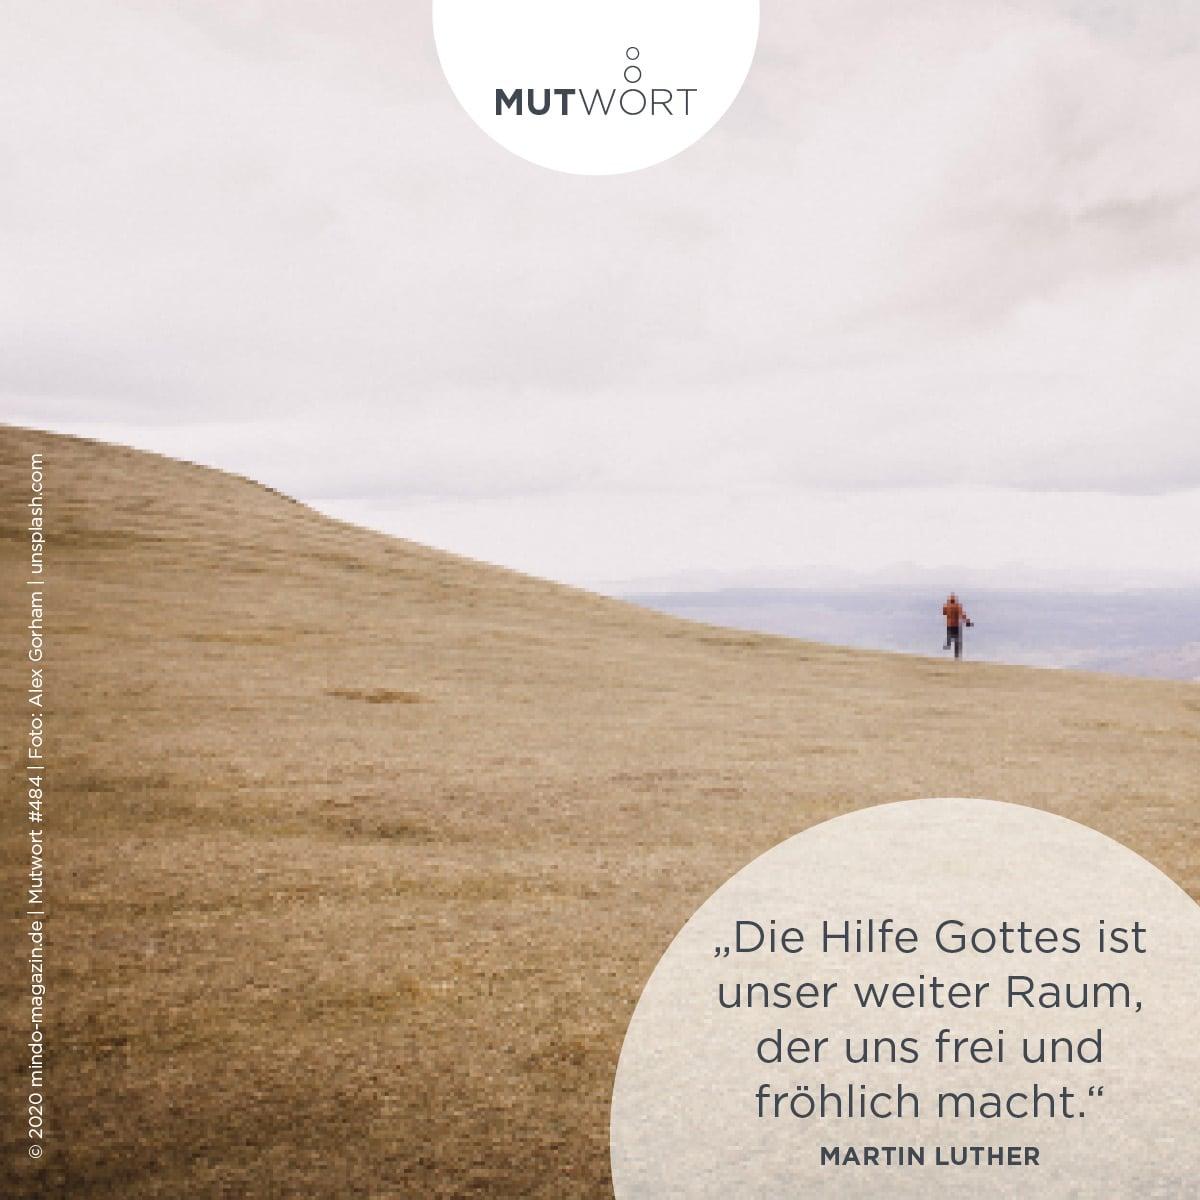 Die Hilfe Gottes ist unser weiter Raum, der uns frei und fröhlich macht. – Martin Luther